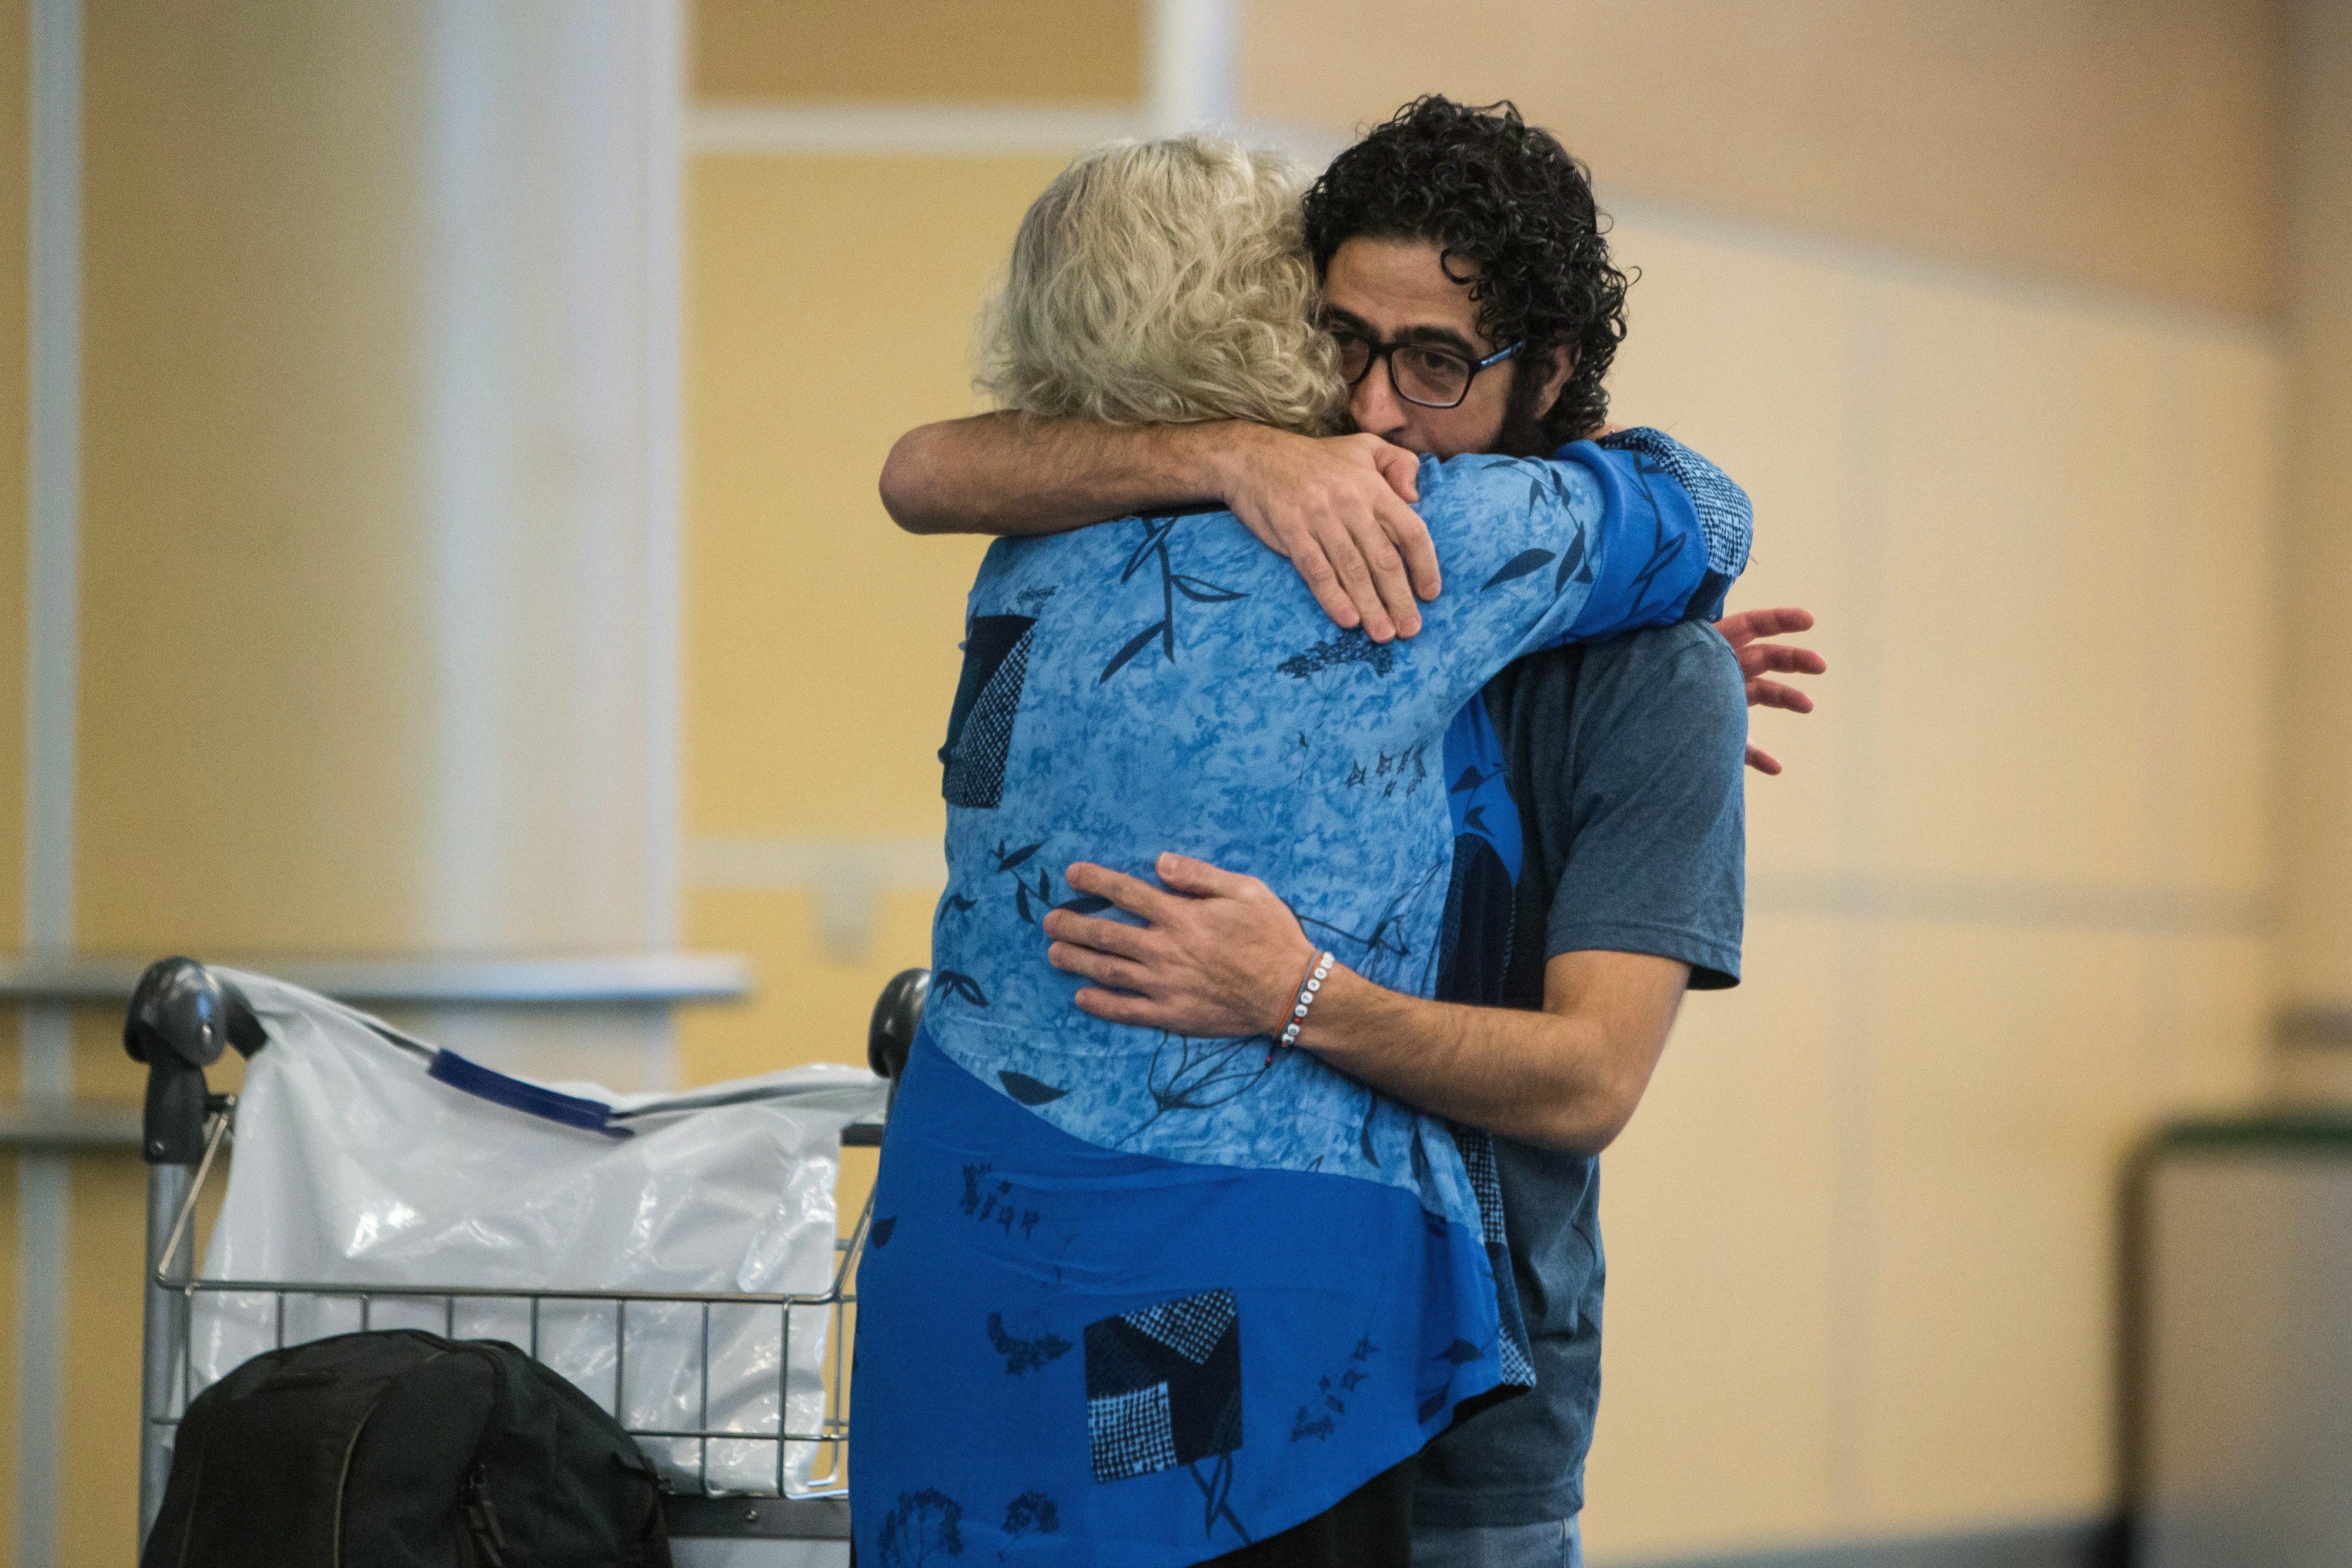 국제공항에서 7개월을 산 시리아인에게 드디어 갈 곳이